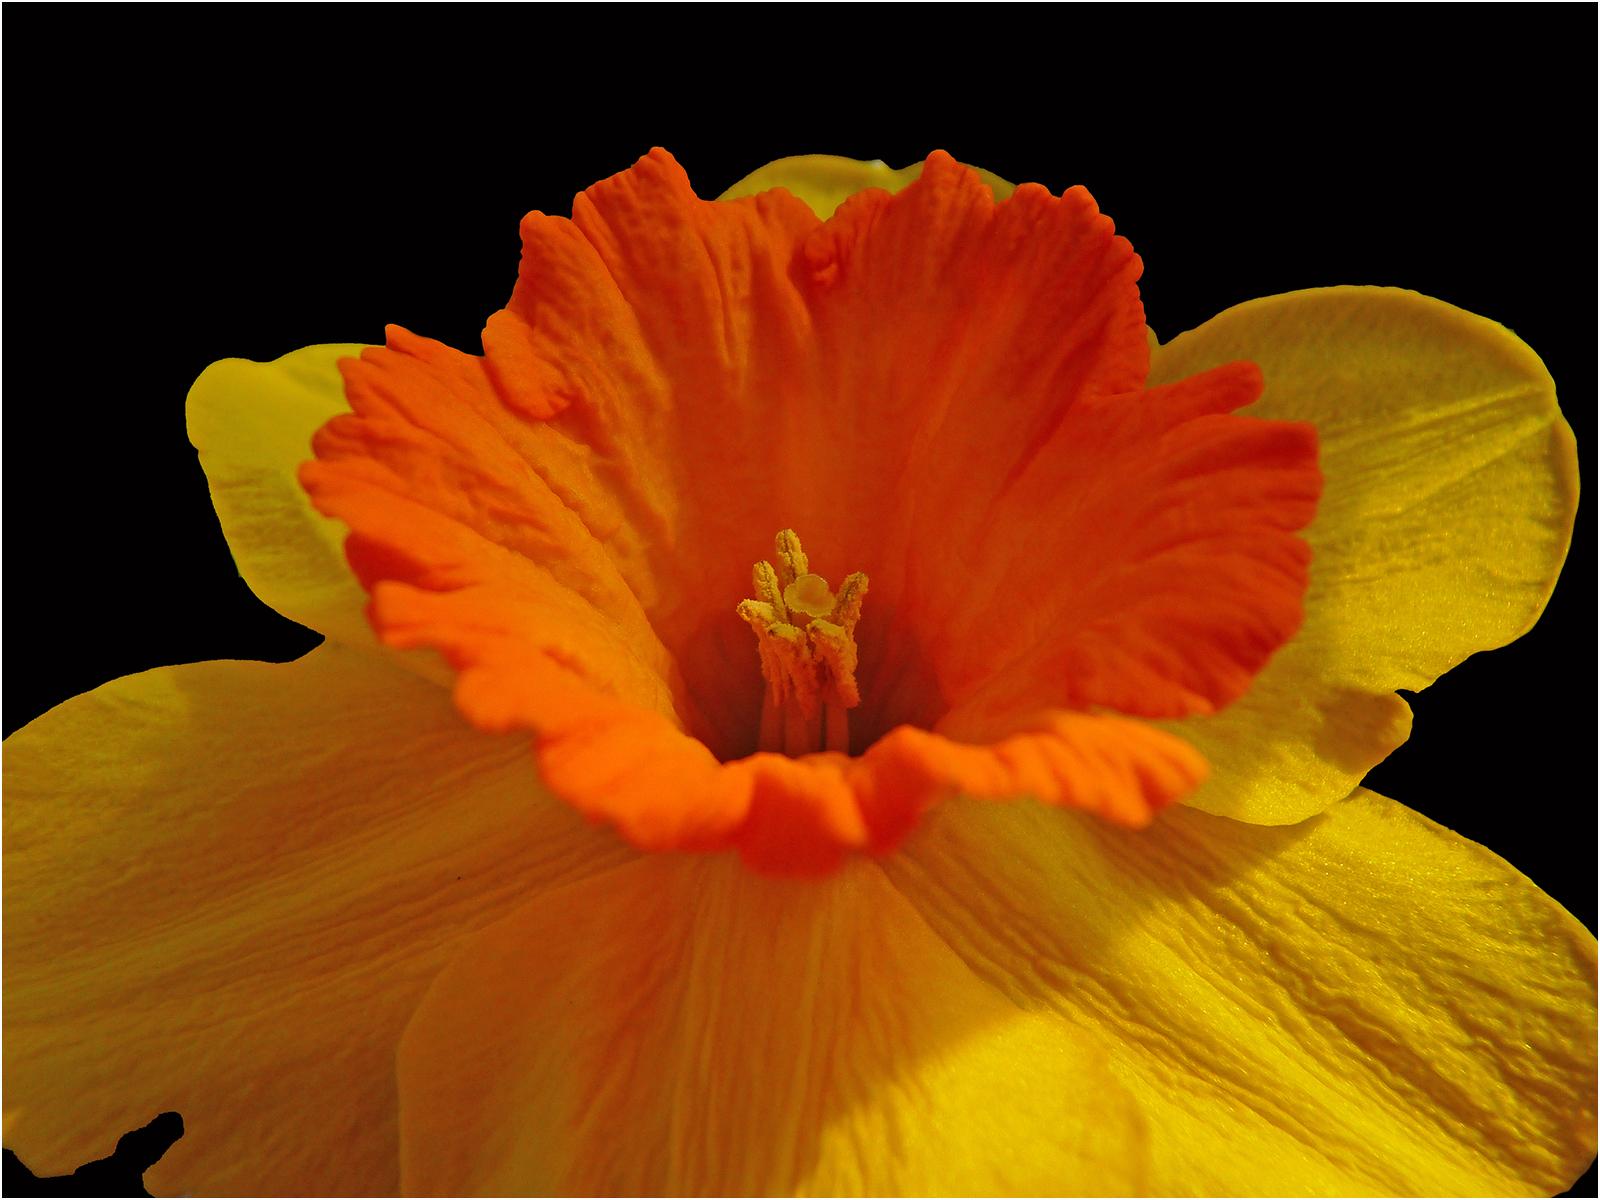 Golden Daffodil - Carol